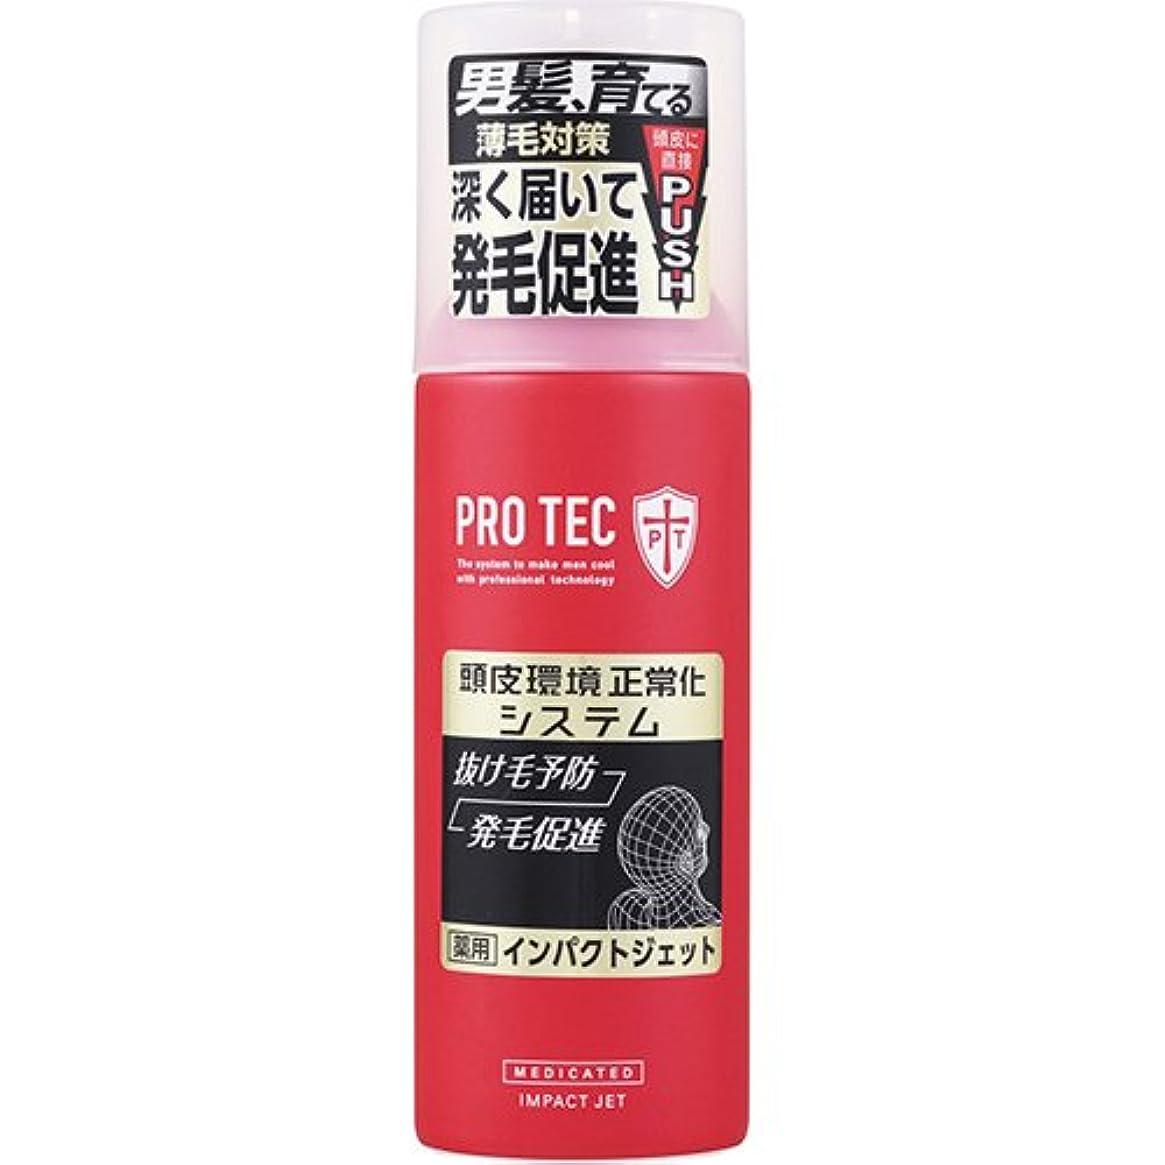 風邪をひくアウトドア治療PRO TEC インパクトジェット 150g